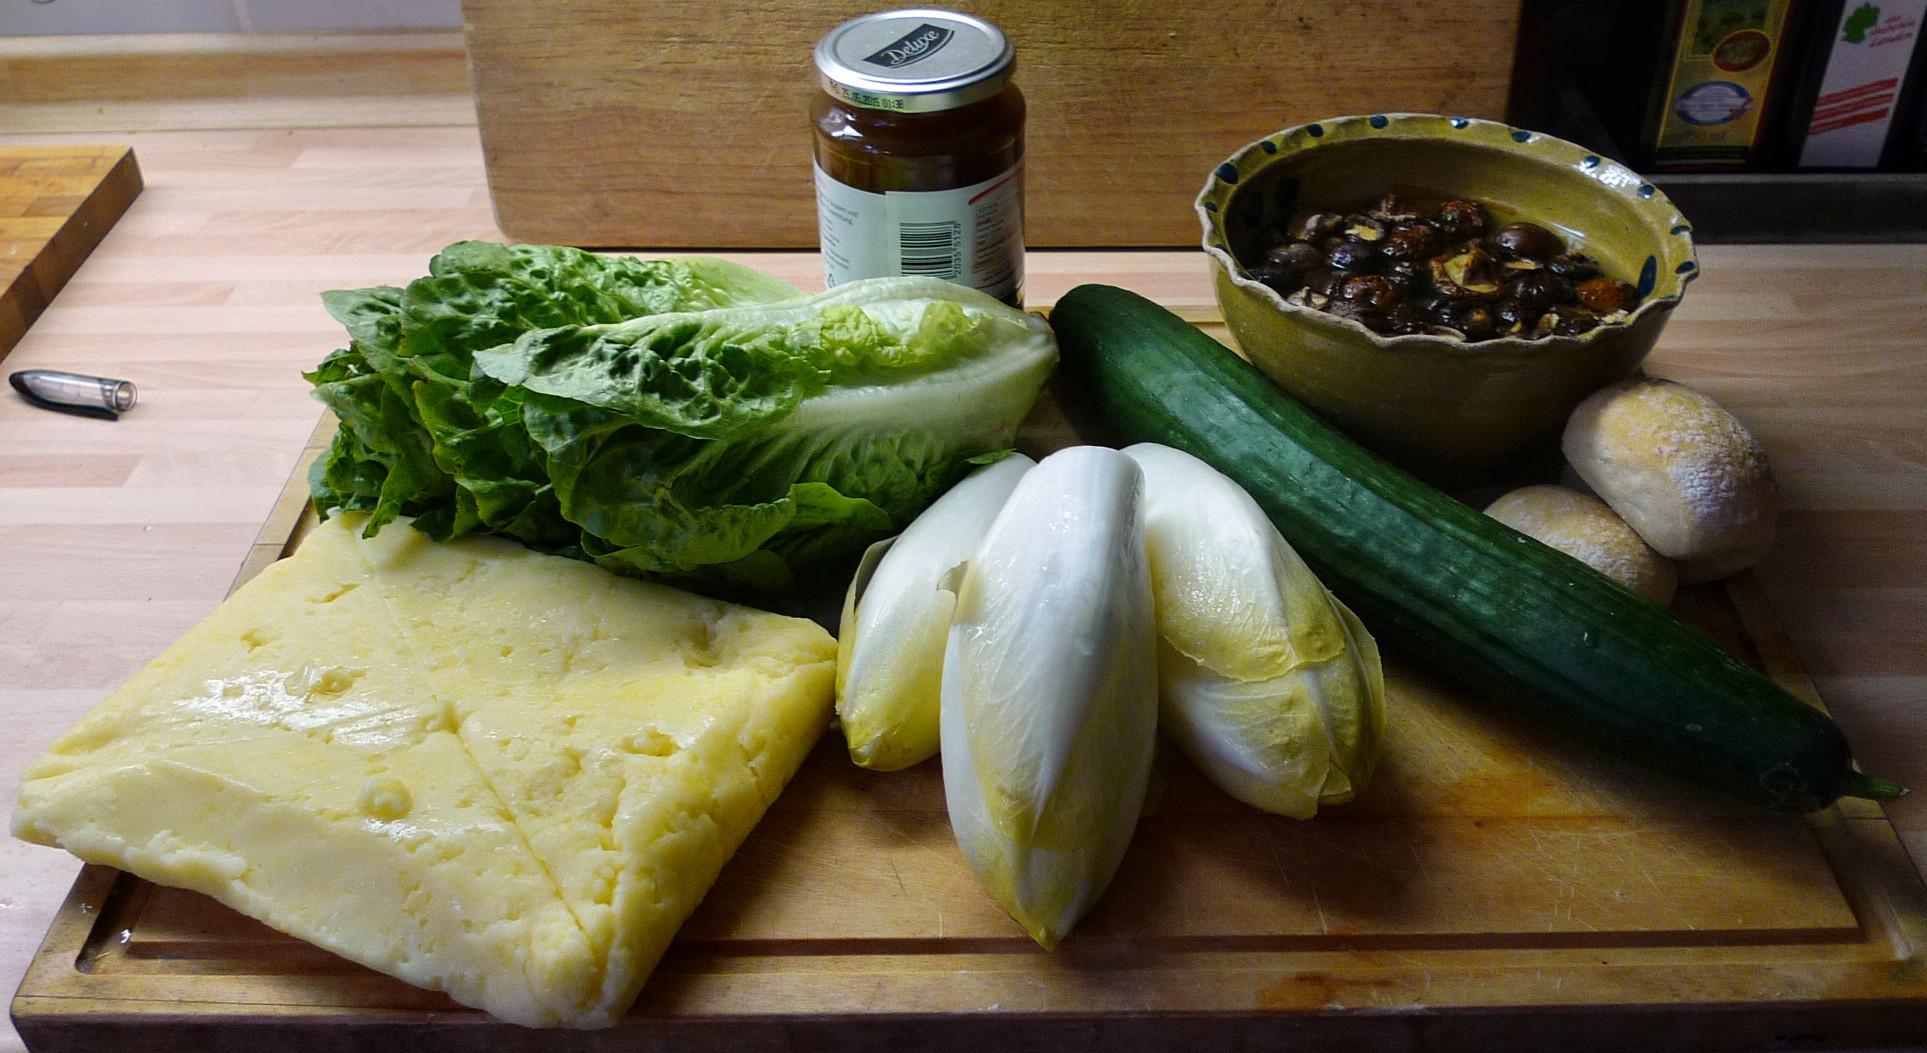 Klöße,Pilzsauce,Salate-8.2.15   (3)